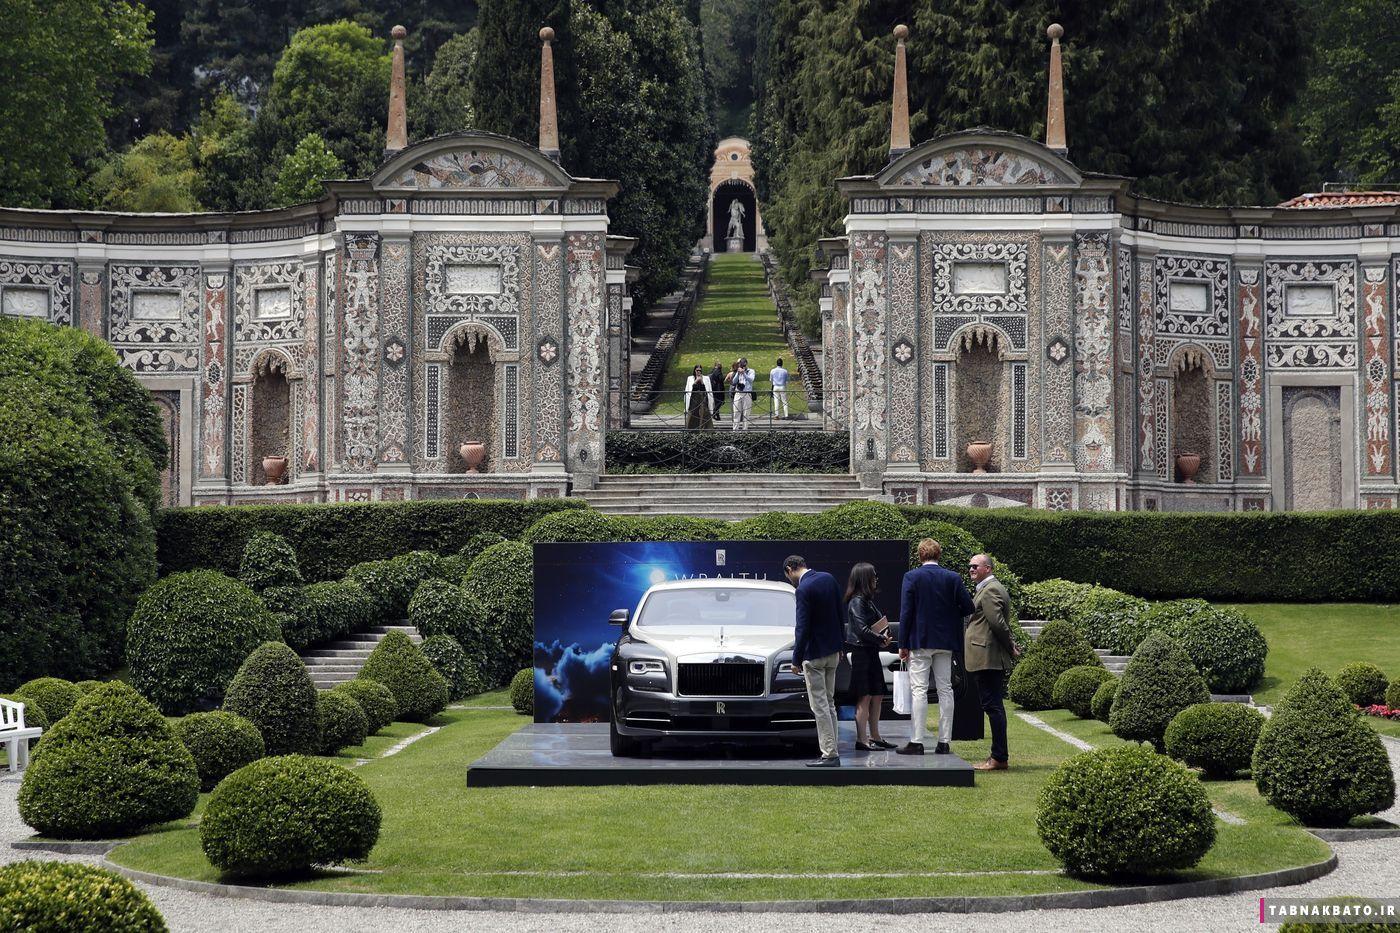 خاصترین حراجی اتومبیل در کومو ایتالیا